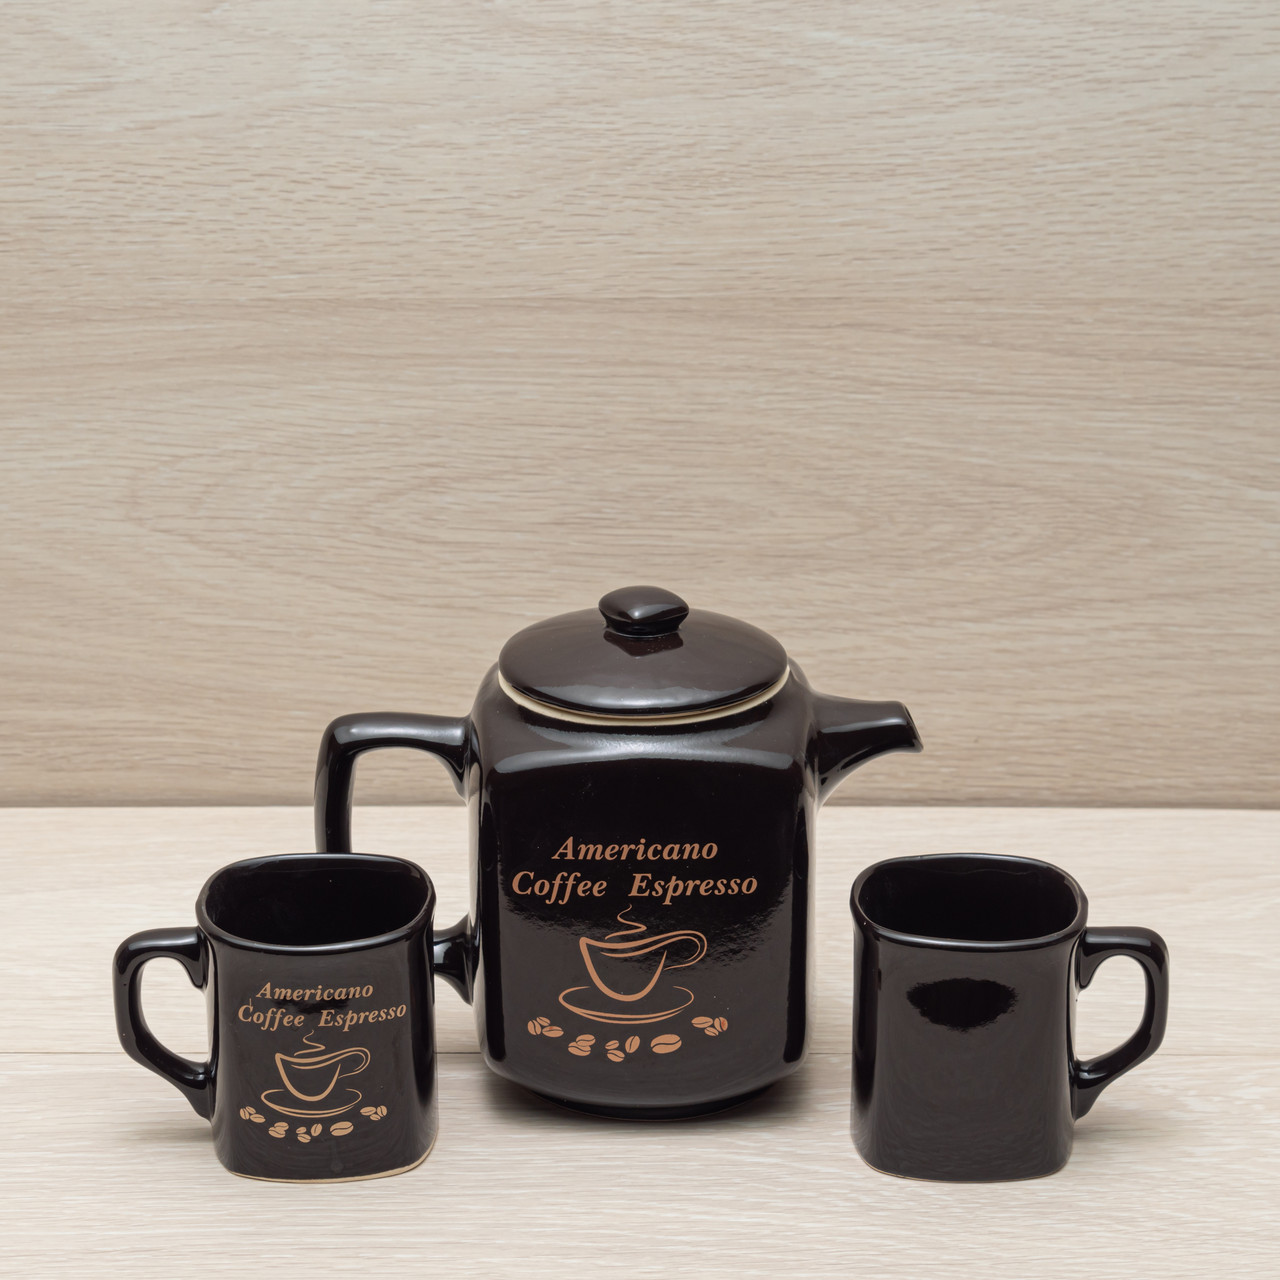 """Кофейный набор """"Американо"""" чёрный, 3 предмета (чайник 0,9л + 2 чашки по 0,2л)"""